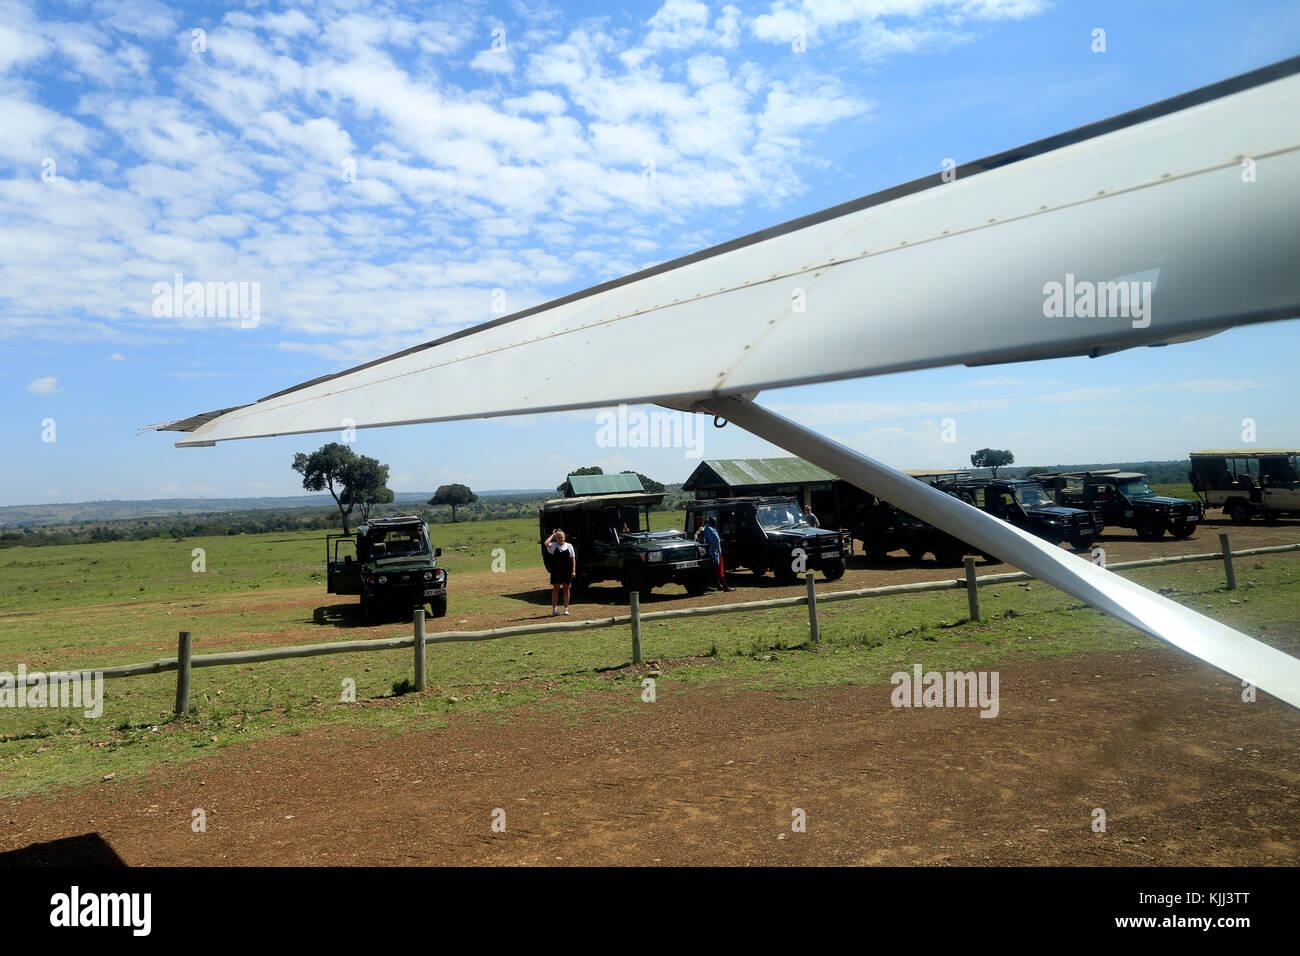 Mara Serena viaje aéreo. La reserva Masai Mara. Kenya. Imagen De Stock